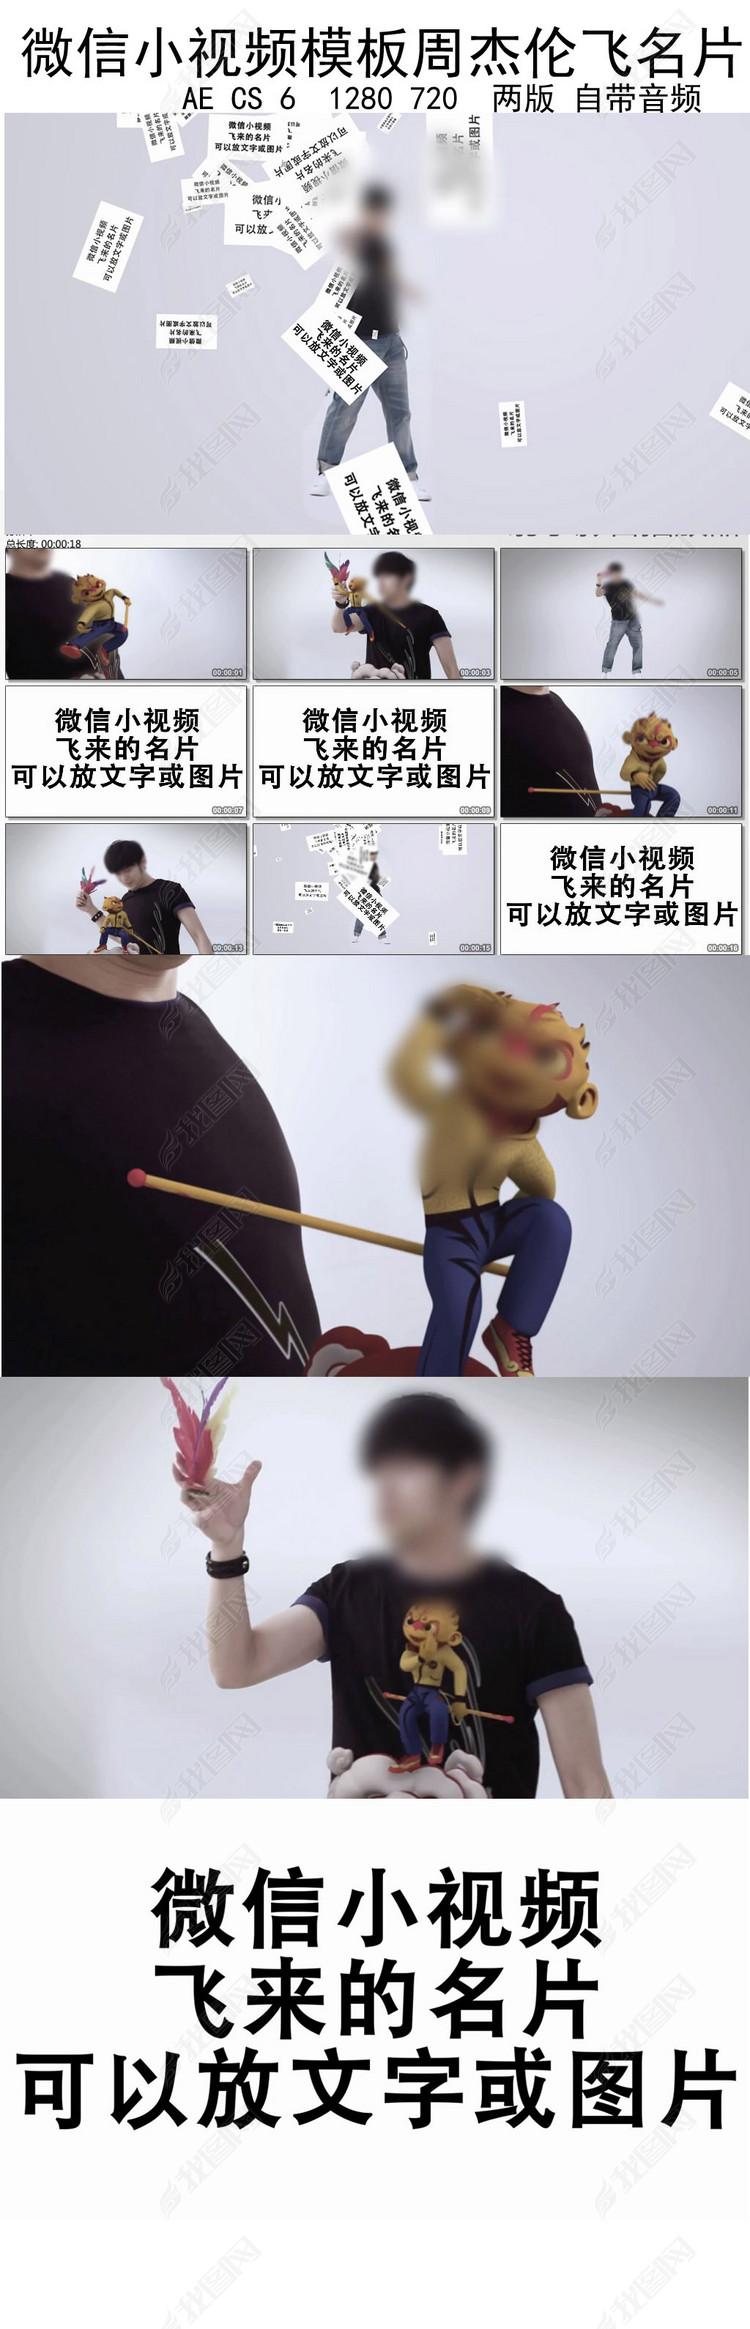 微信小视频模板周杰伦飞名片